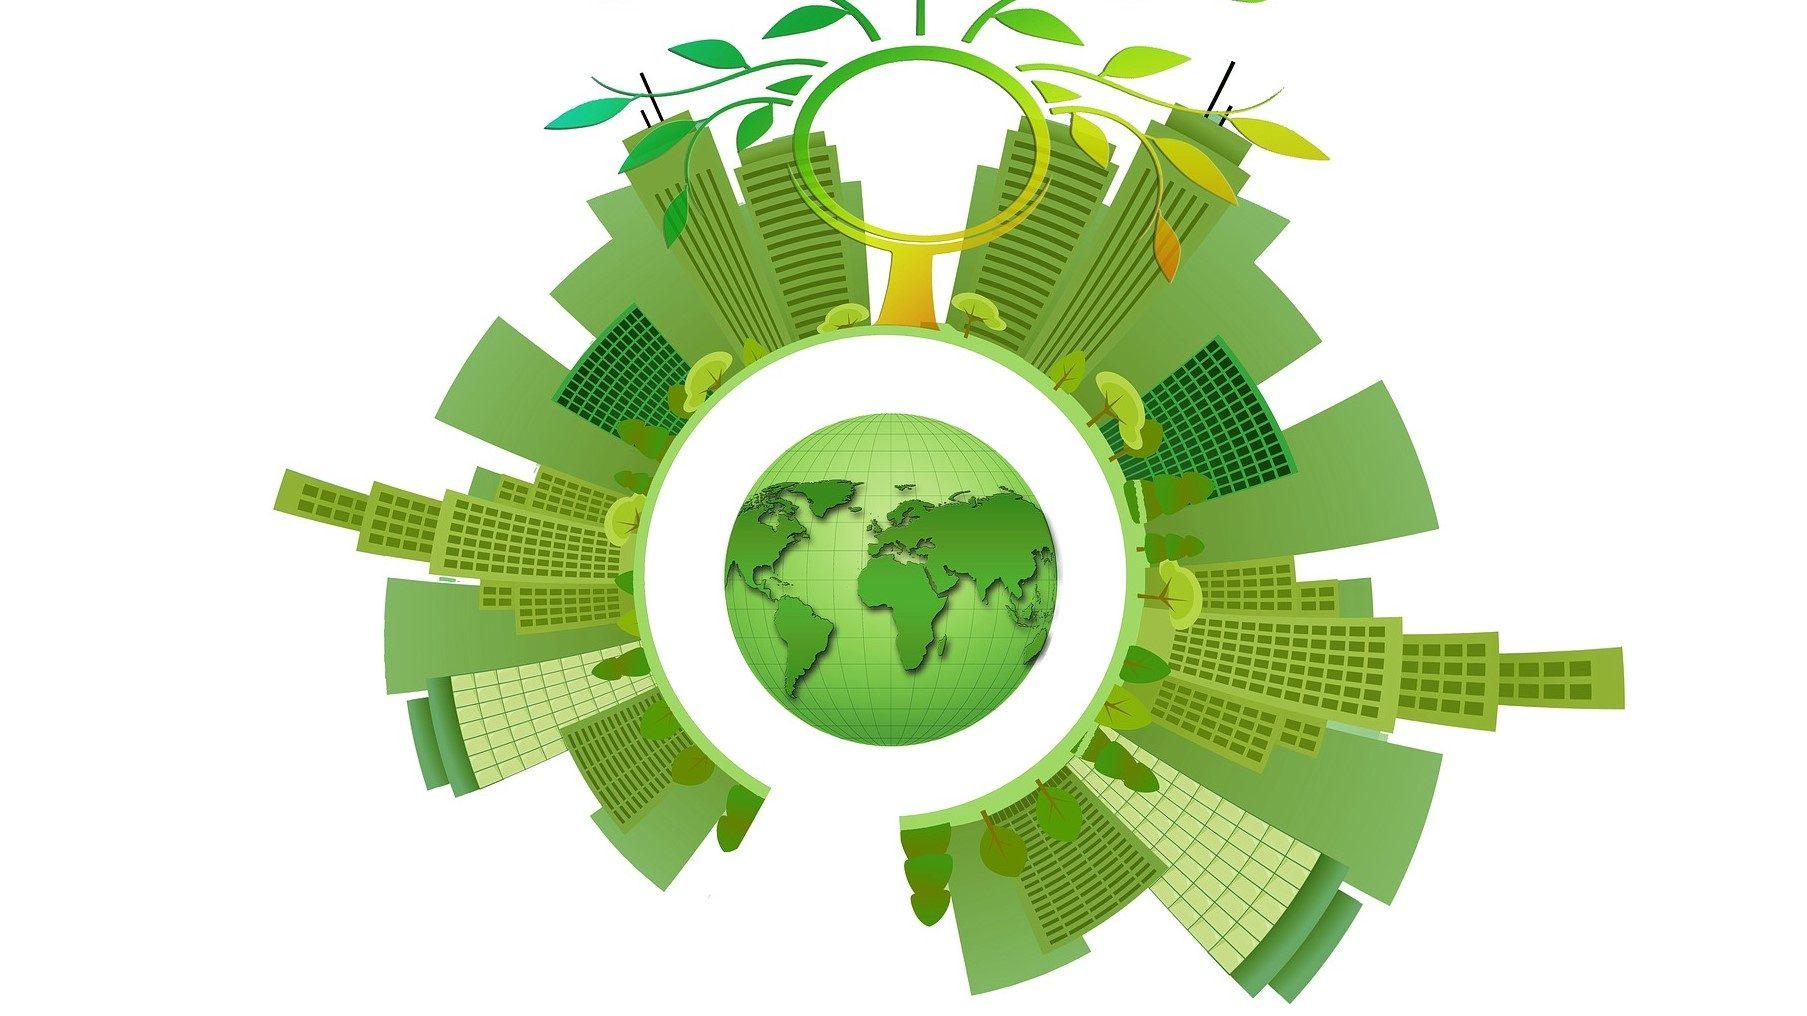 Kein natürlicher Widerspruch zwischen Markt und Nachhaltigkeit